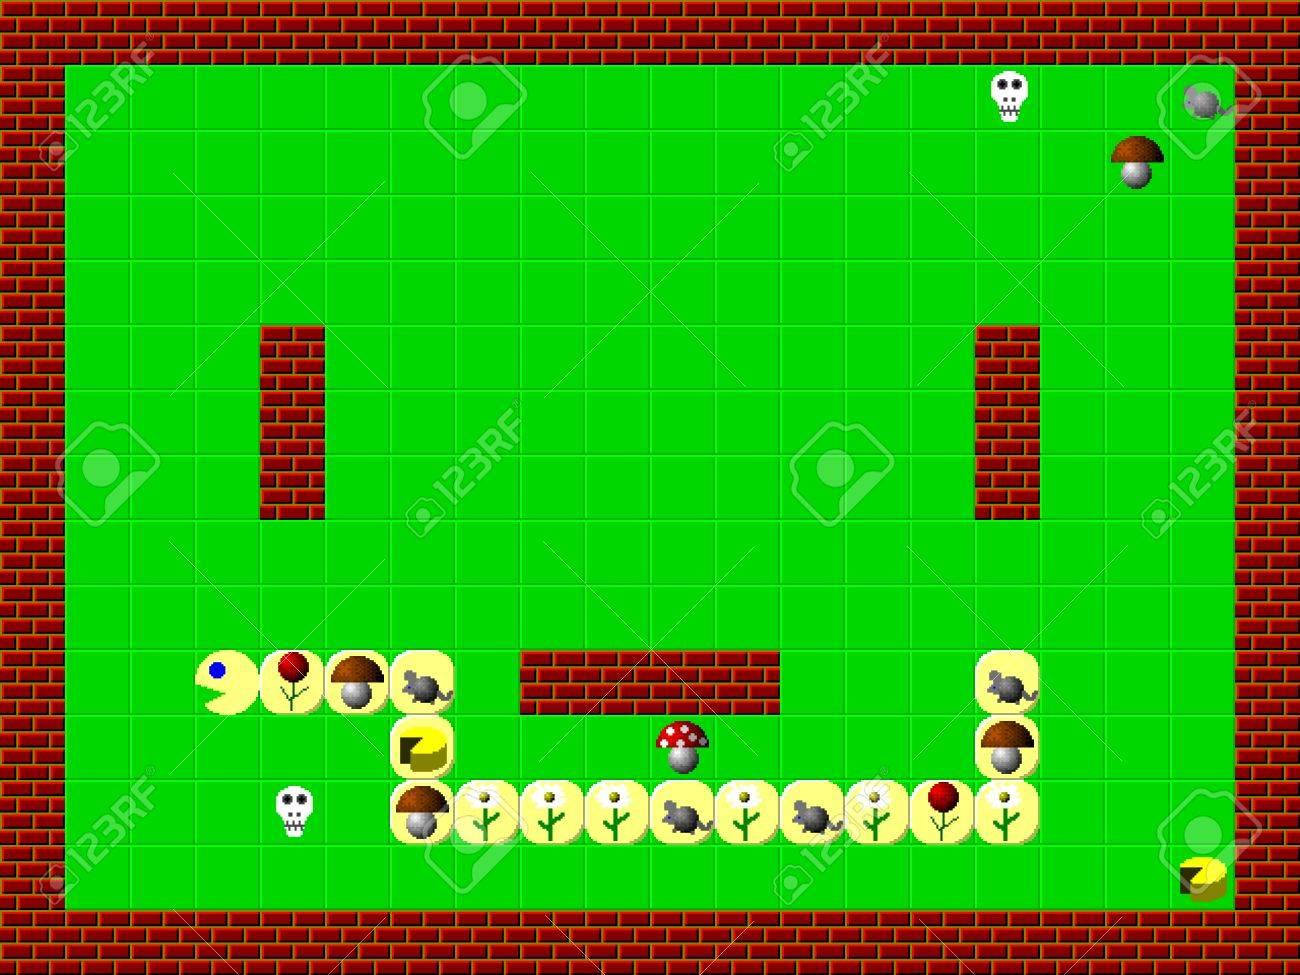 ヘビ の ゲーム